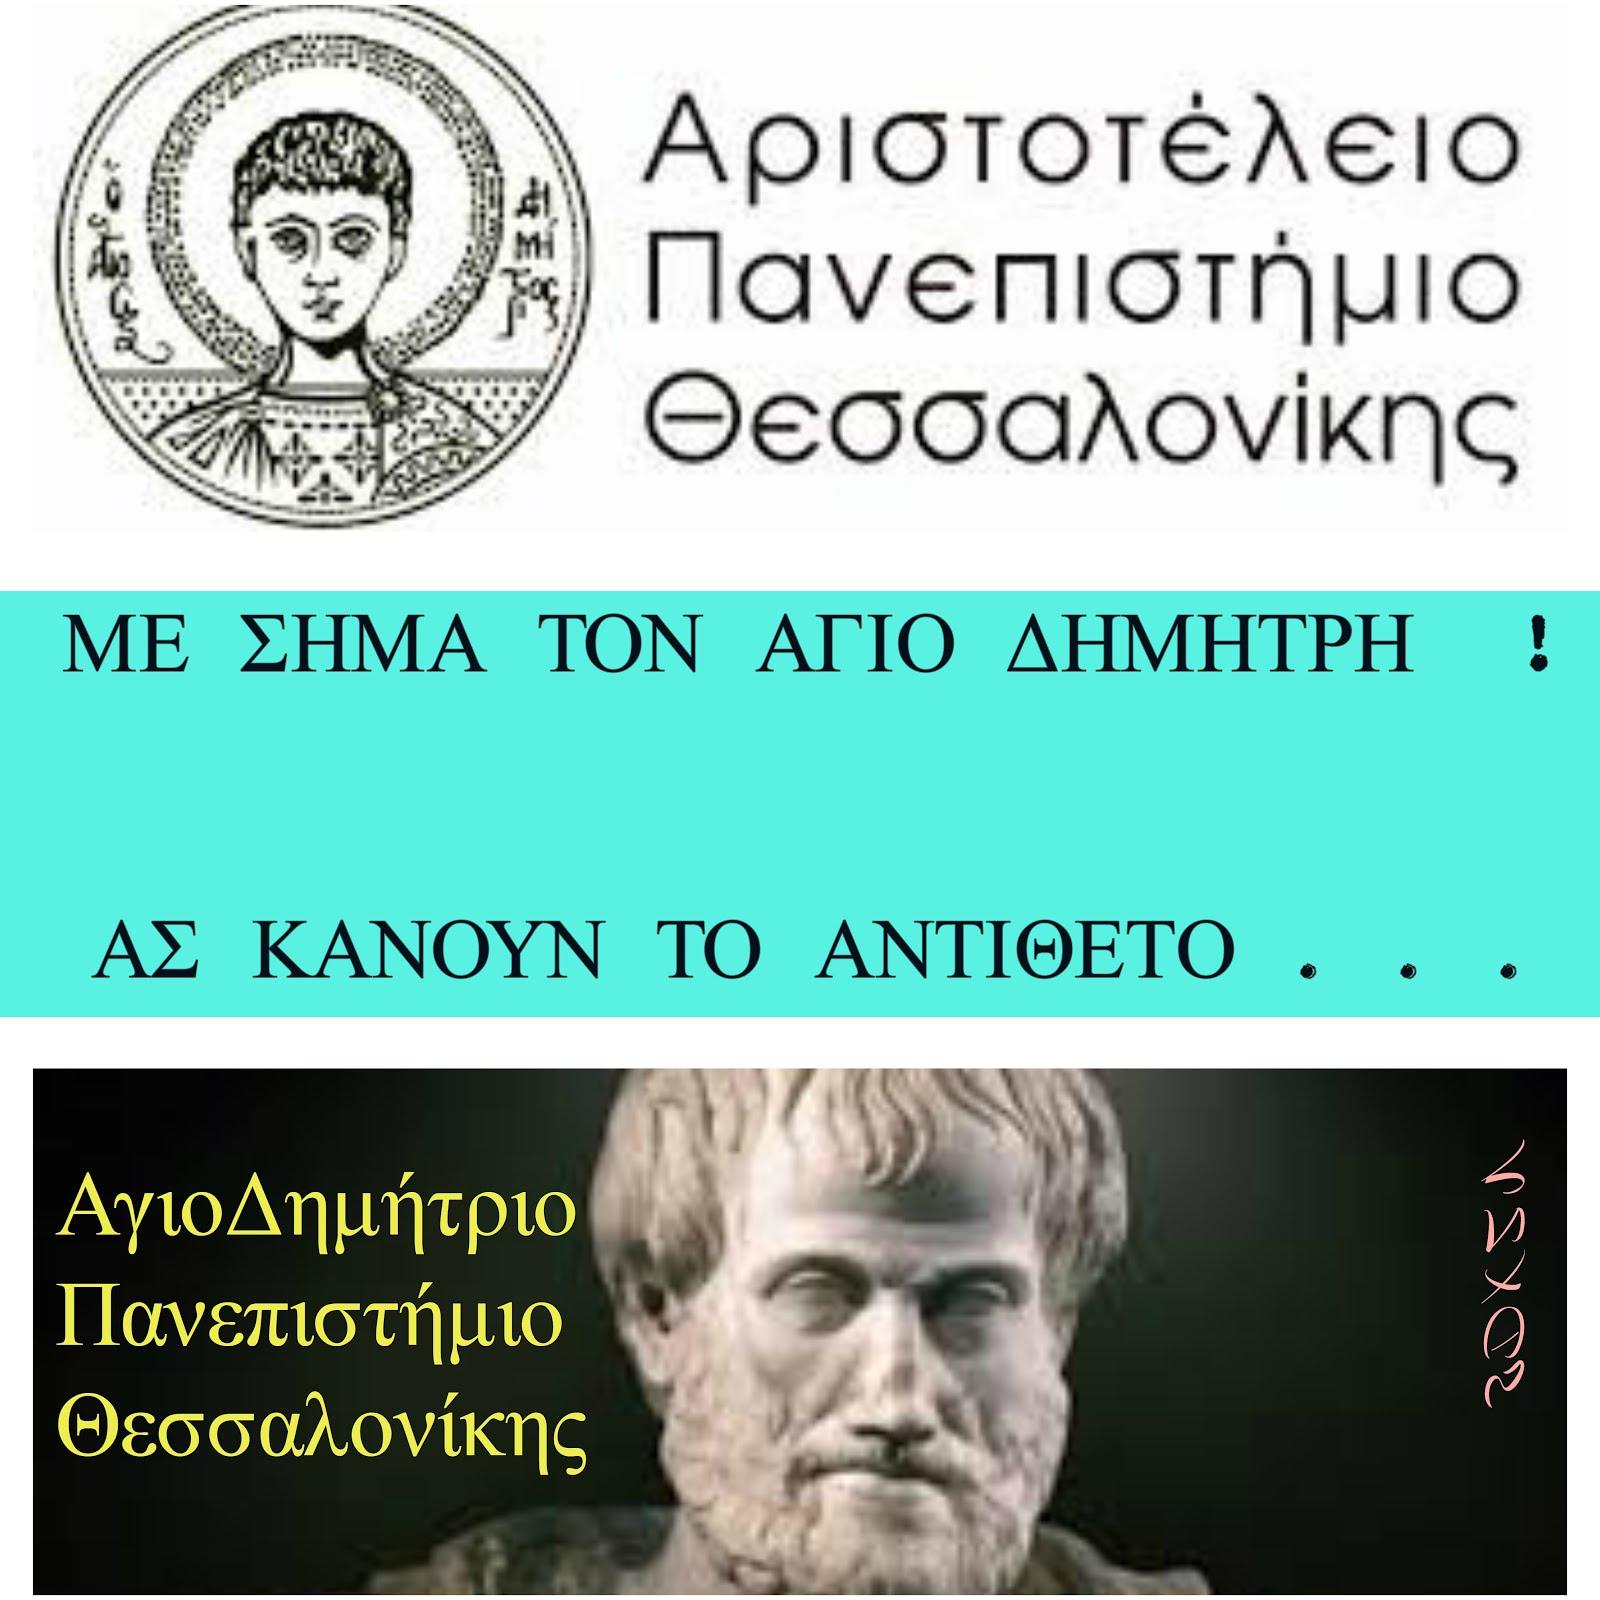 Αριστοτέλειο Πανεπιστήμιο ή ΑγιοΔημήτριο ?